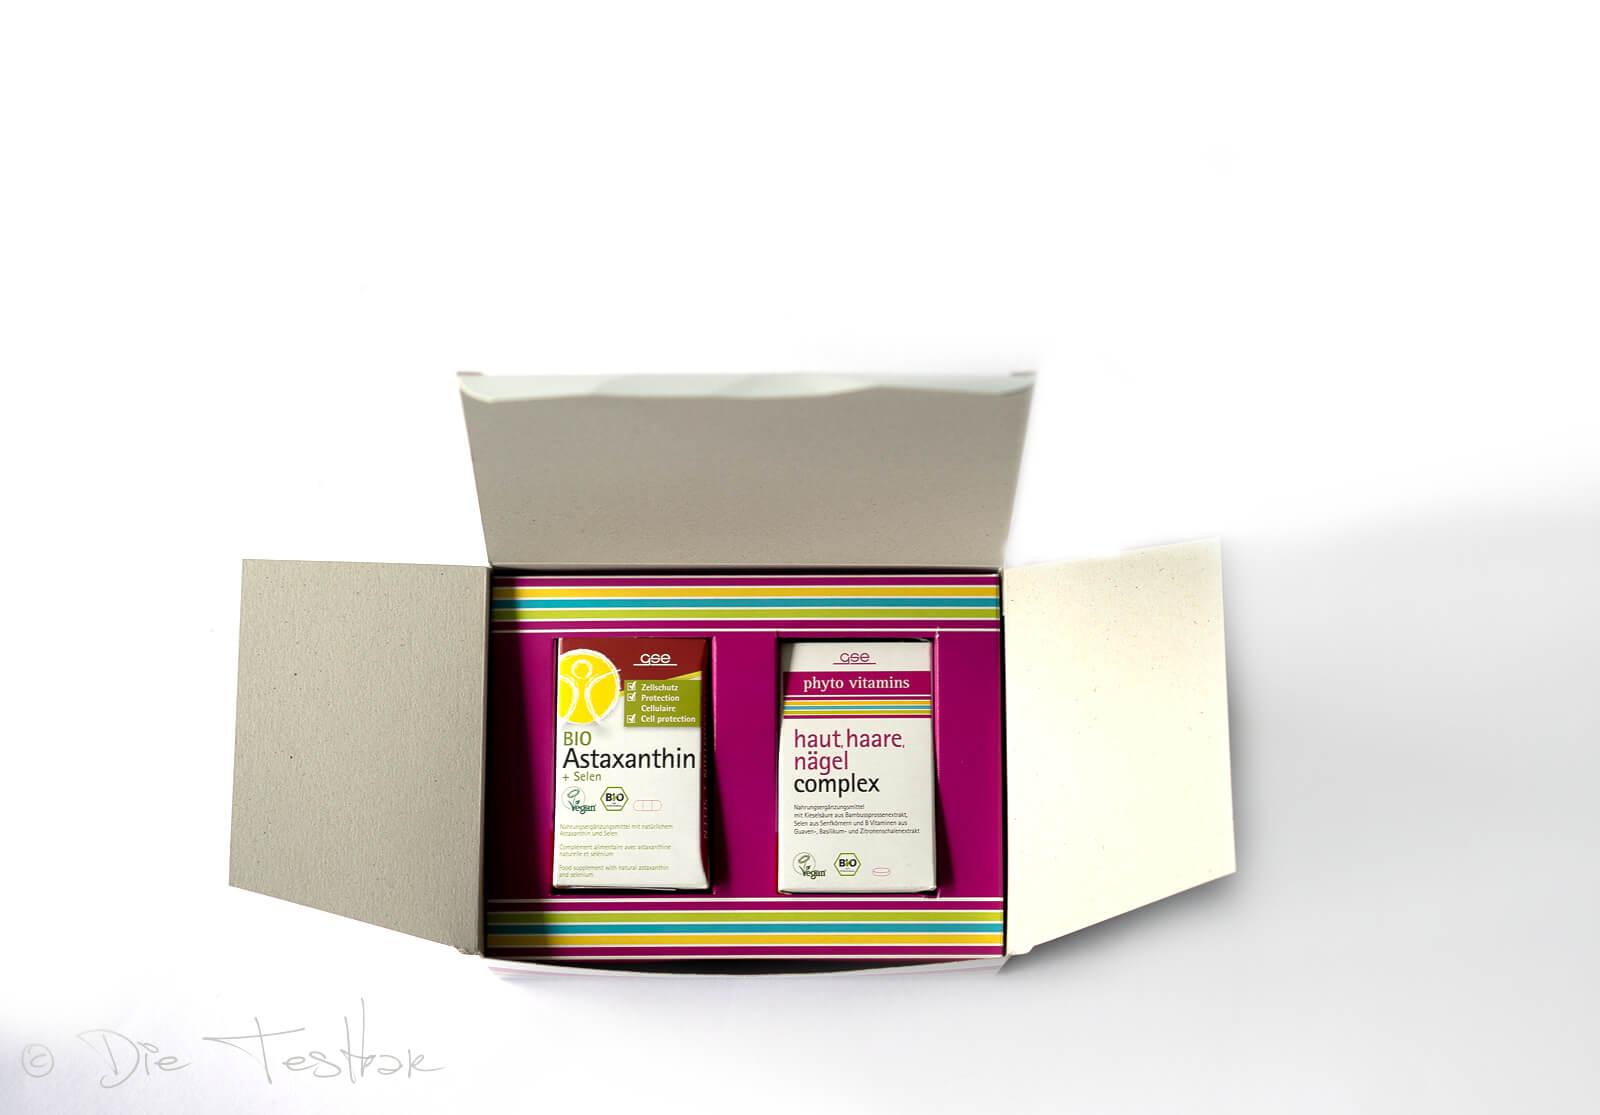 GSE verwendet für das Produkt Haut, Haare, Nägel Complex natürliche Kieselsäure aus Bambussprossenextrakt.